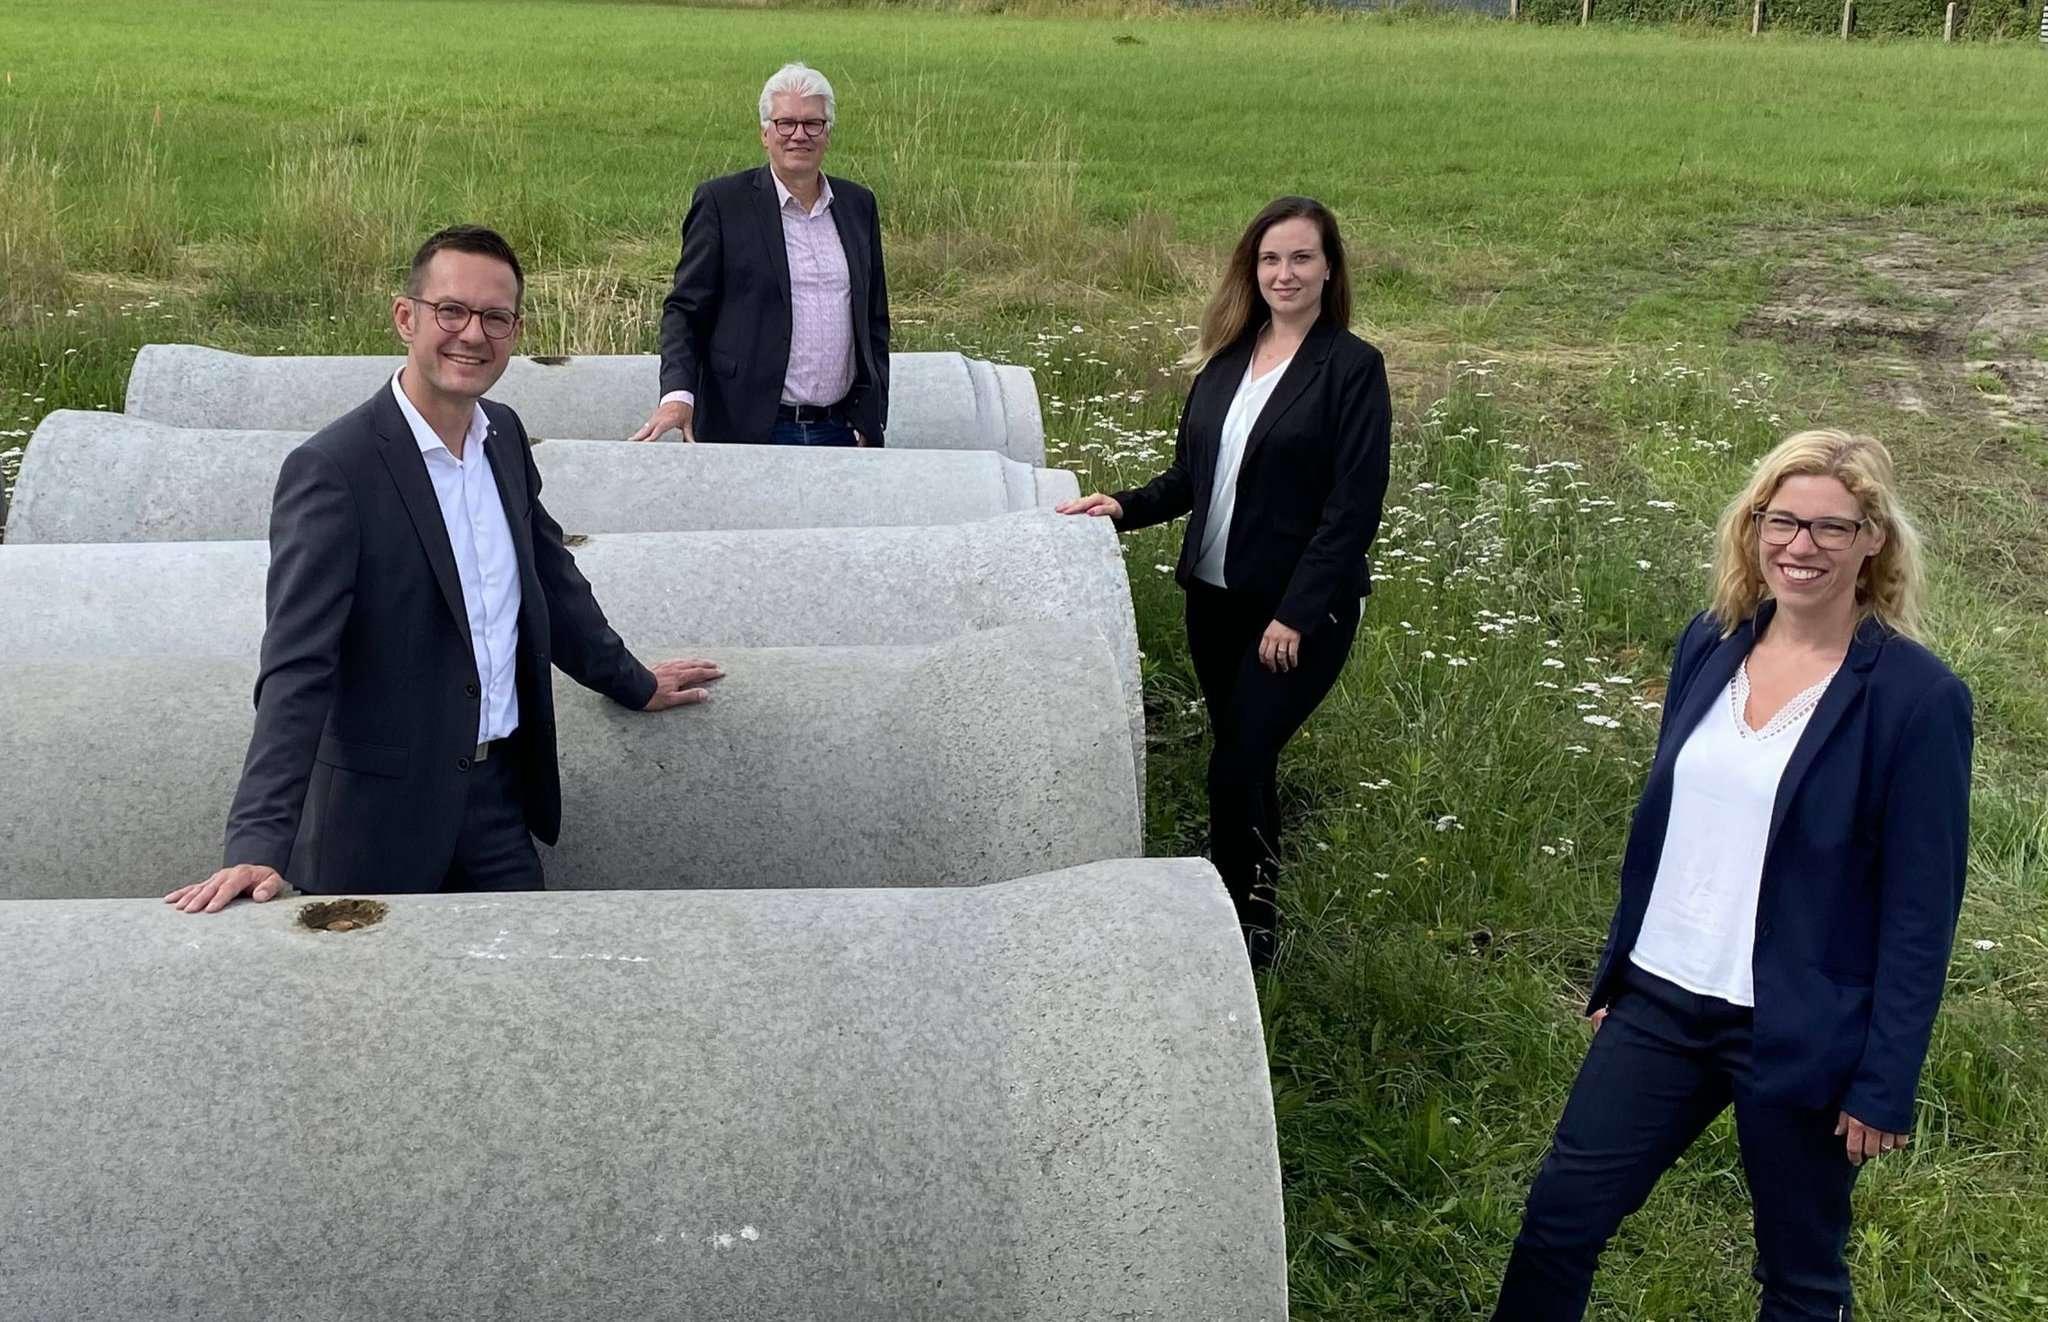 Auf der Baustelle. Von links: Andru00e9 Pannier, Ralf Goebel, Celina Dehning und Friederike Bischoff Foto: GEB